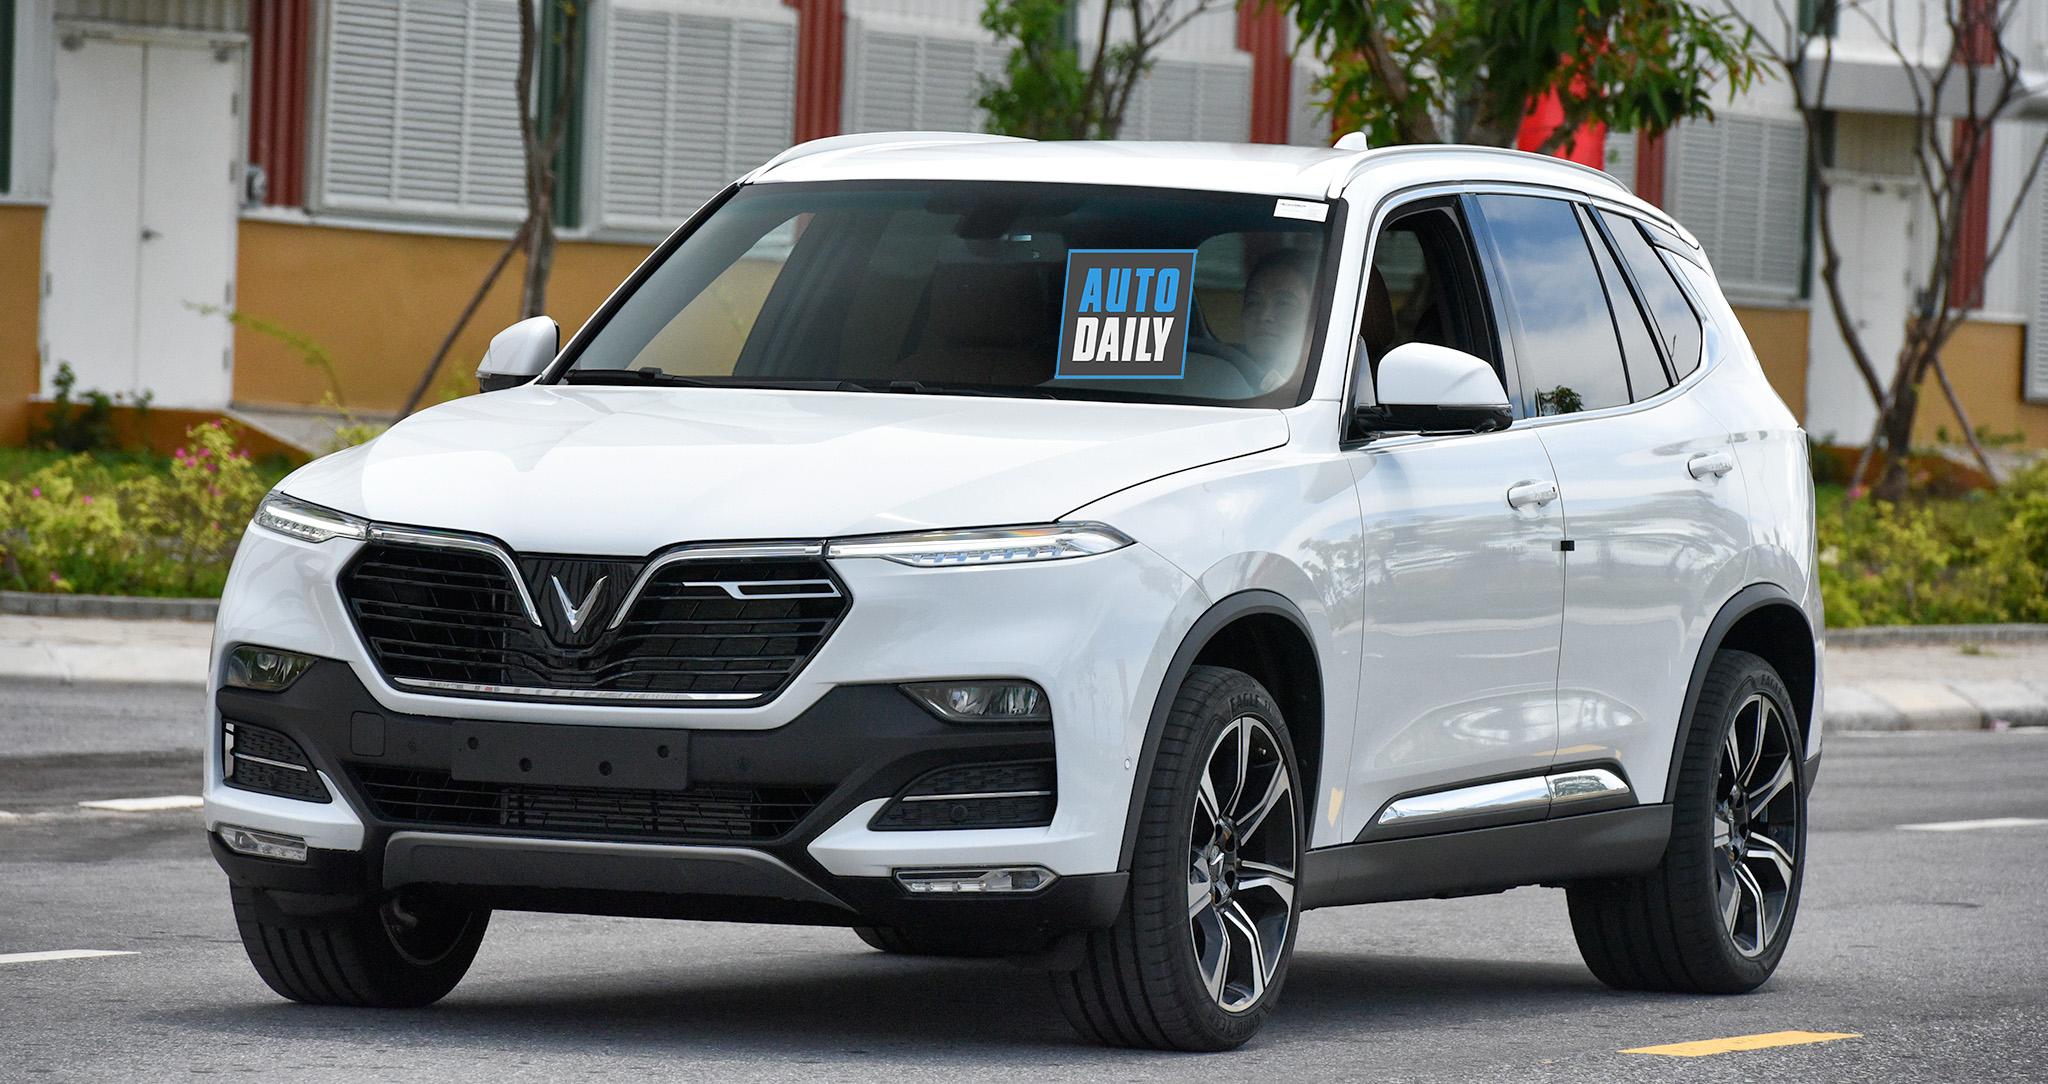 Ôtô VinFast tăng giá theo lộ trình, nhiều nhất 50 triệu